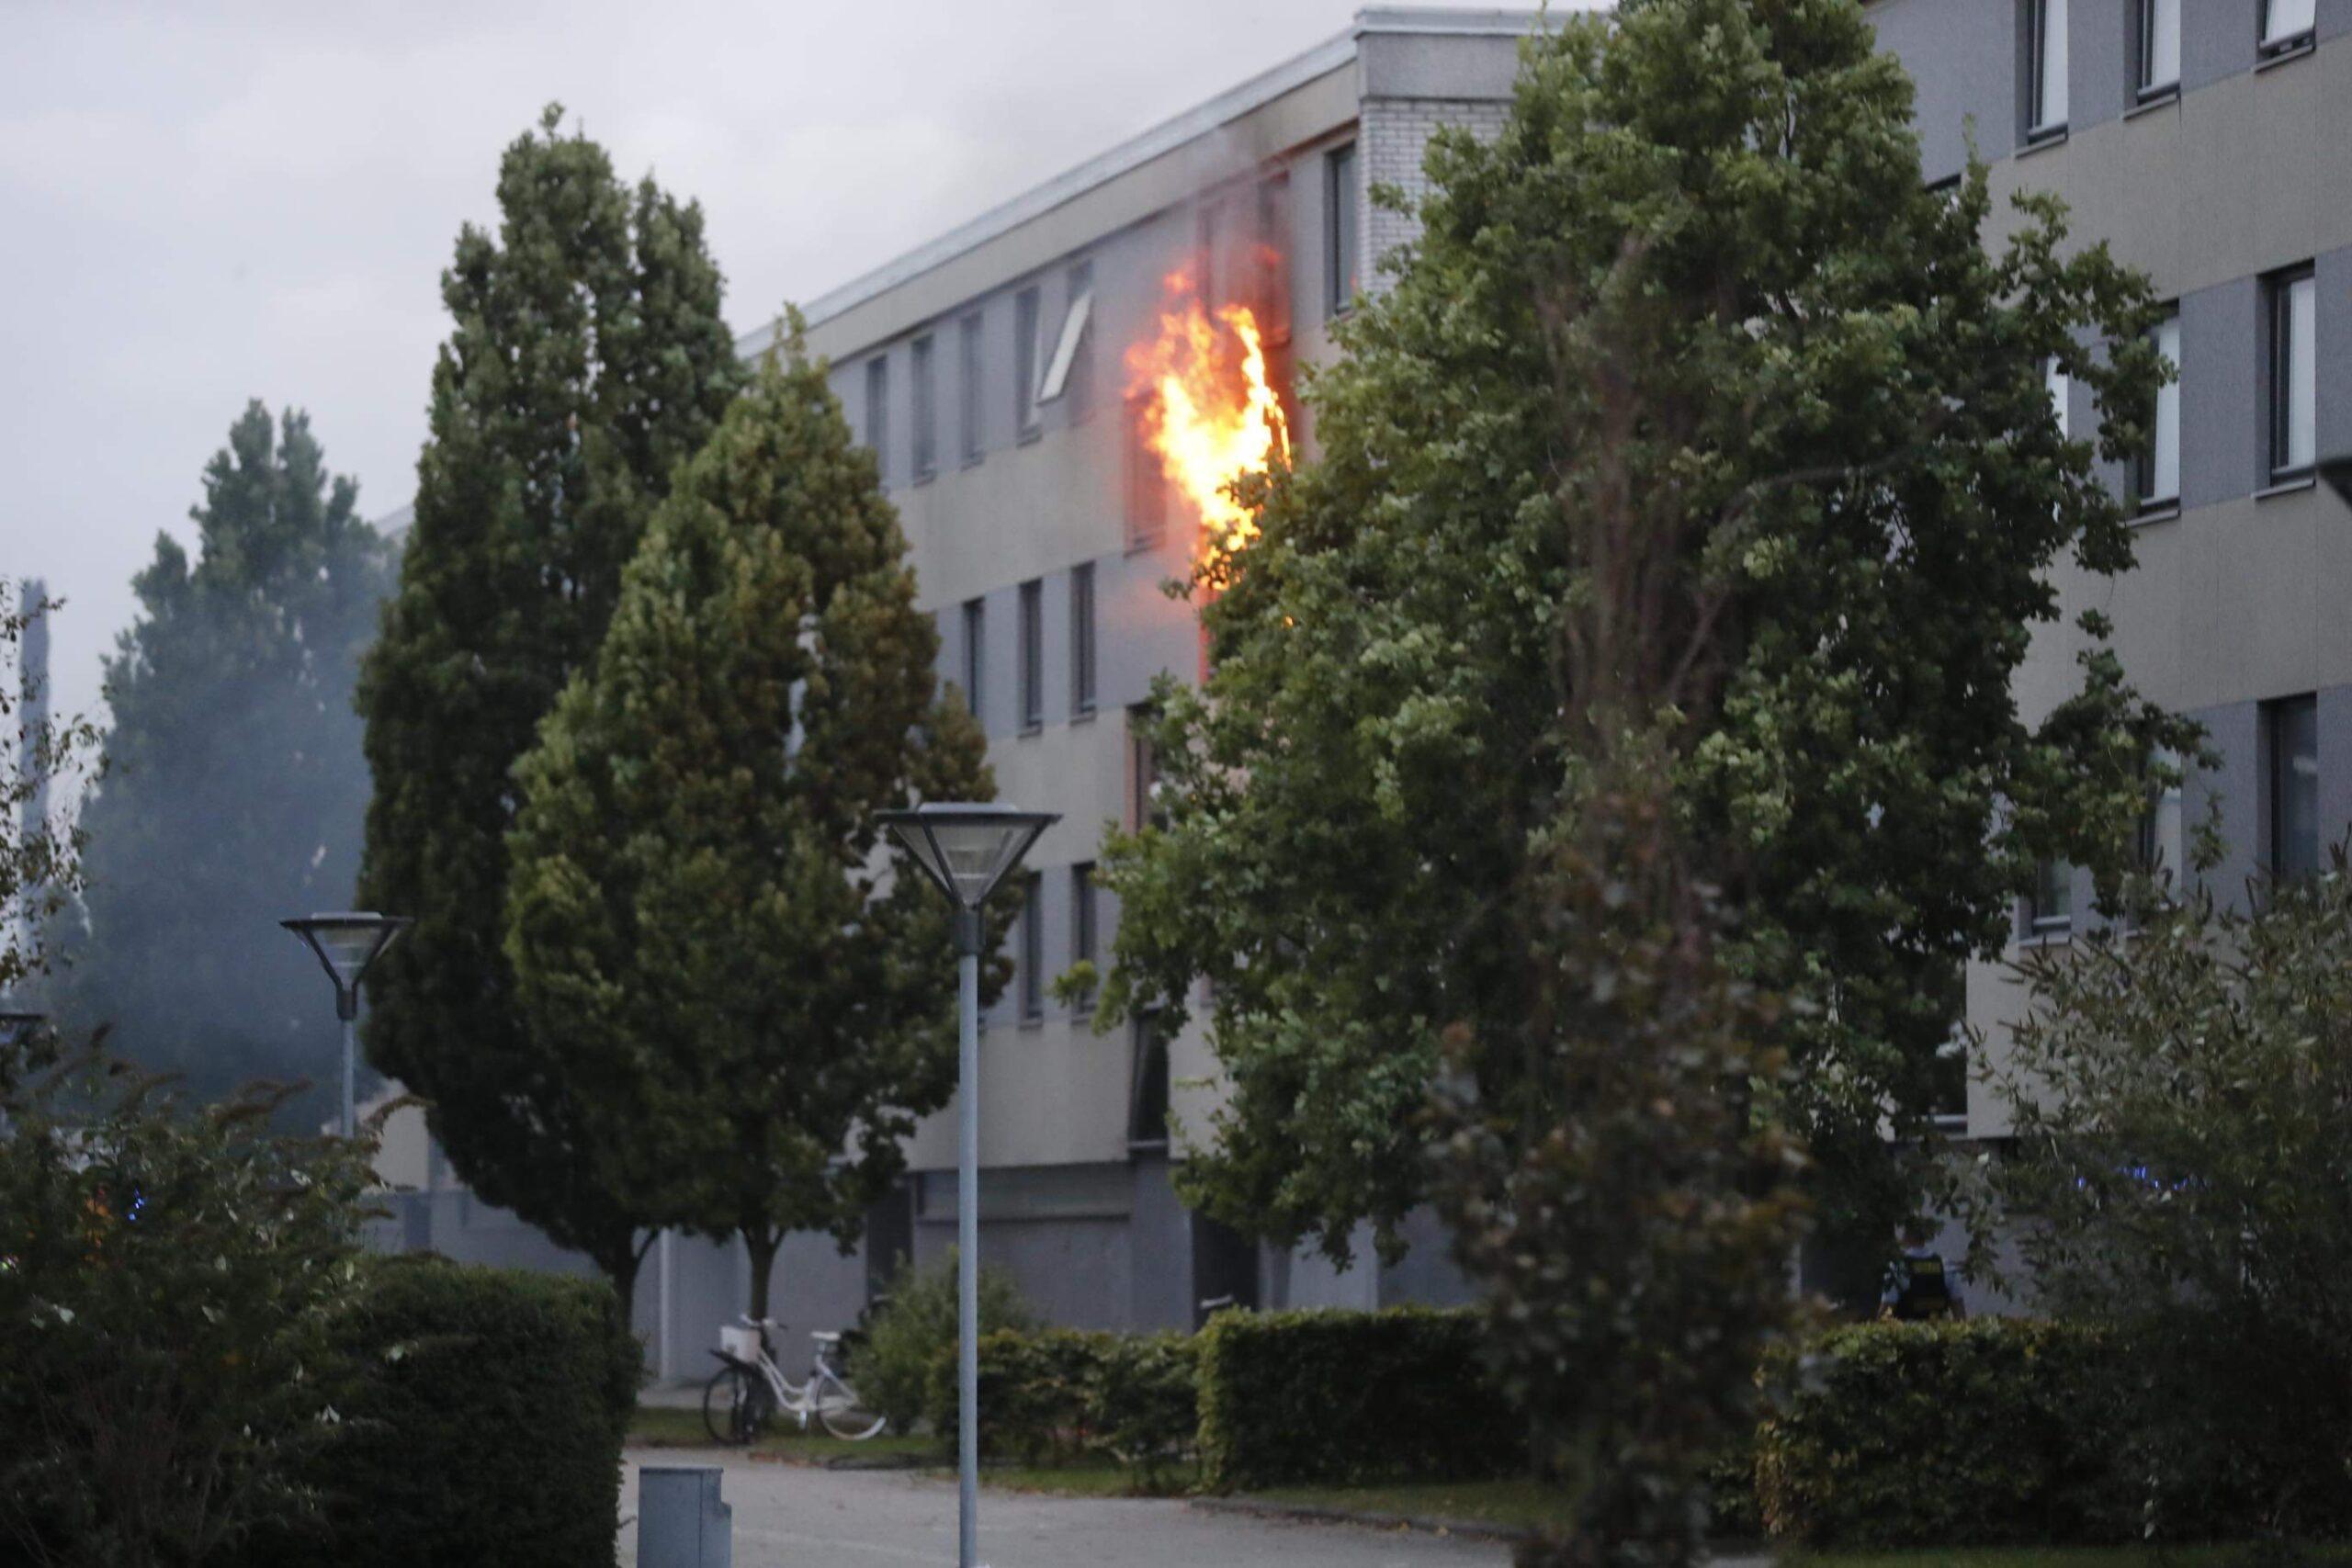 Lige nu: Voldsom brand i lejlighed - flammerne står ud af vinduerne